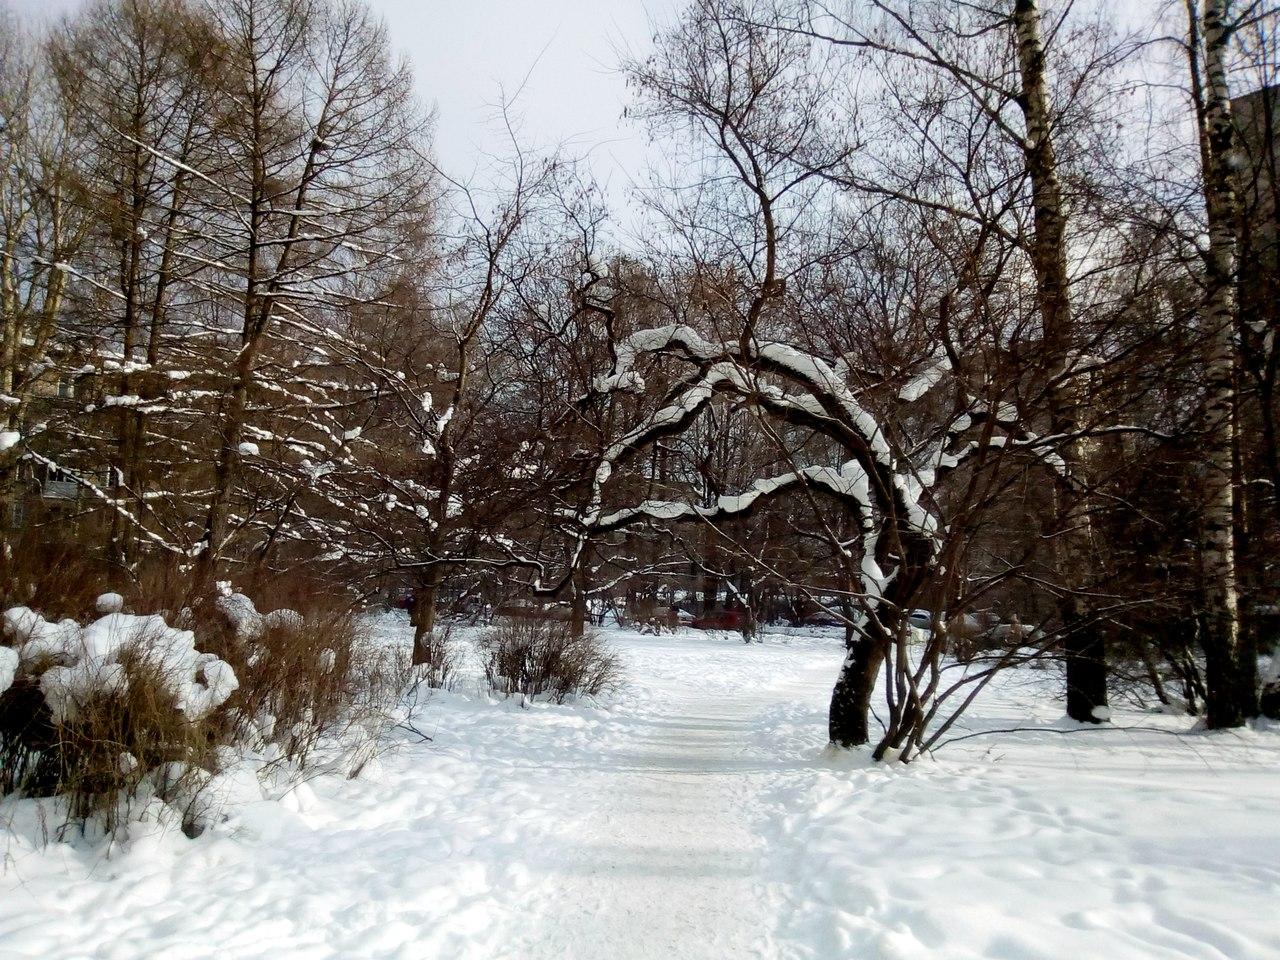 Красивый февраль в Петербурге. Мороз, солнце, голубое небо, красота! 8 фотографий